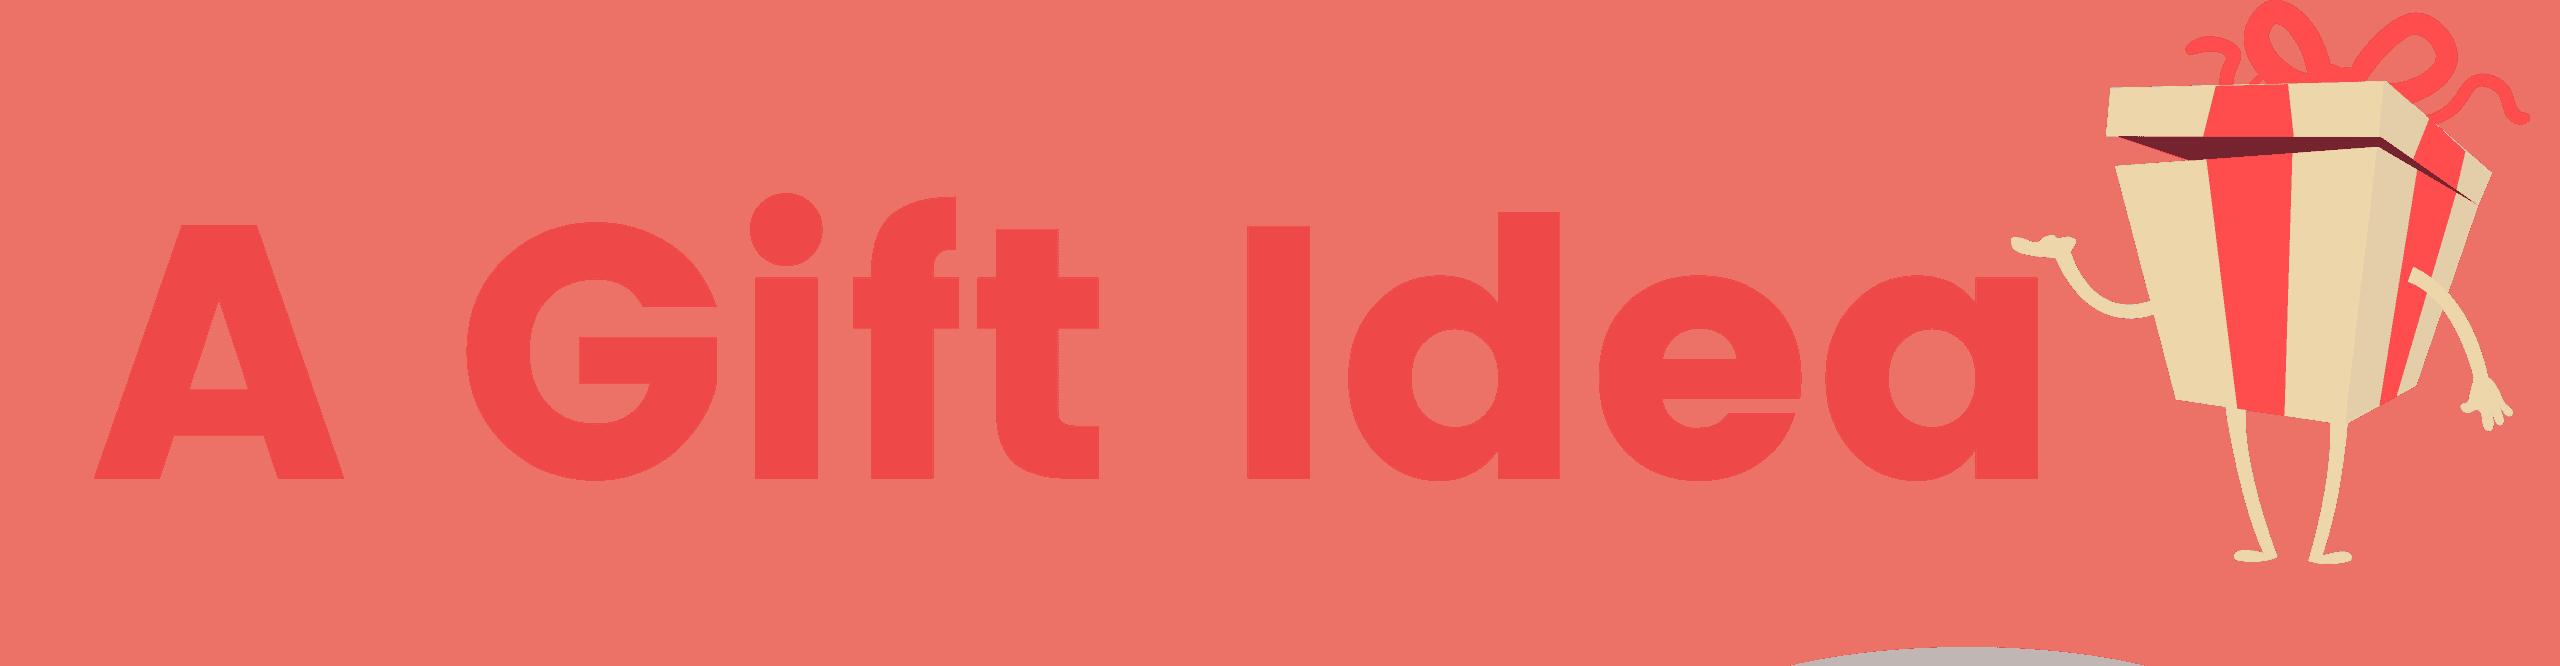 A Gift Idea